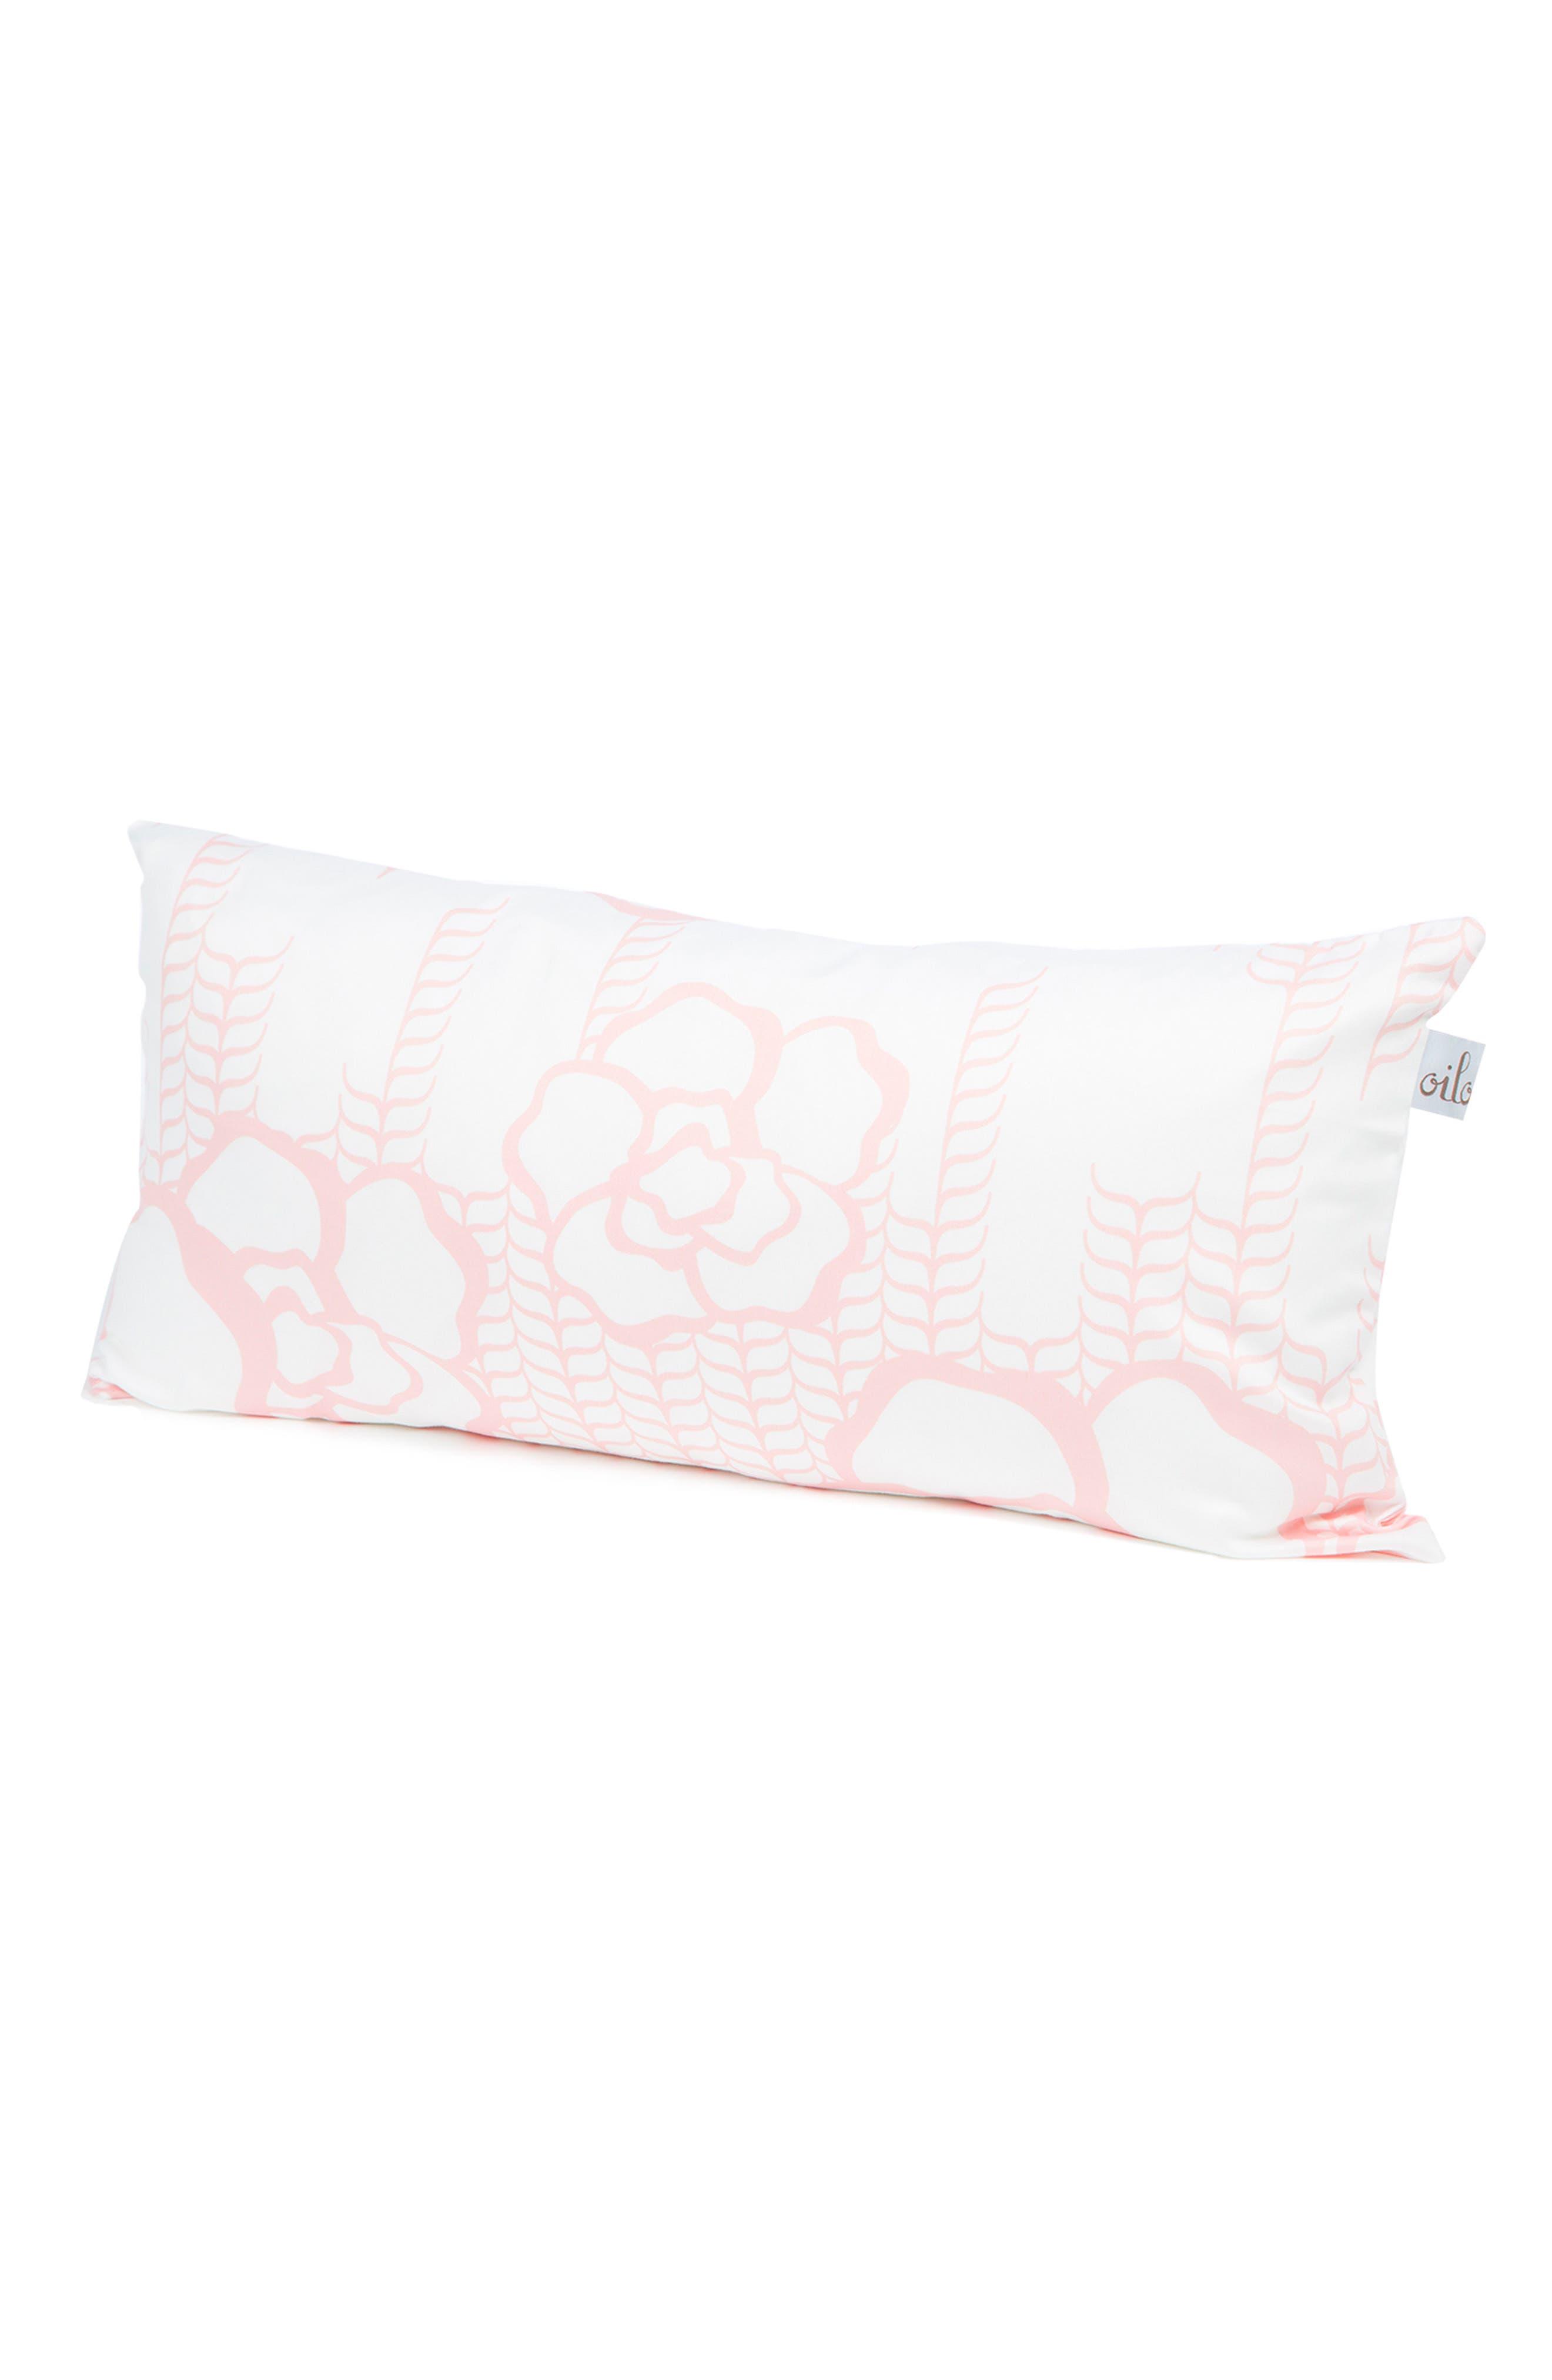 Oilo 'Capri' Crib Pillow